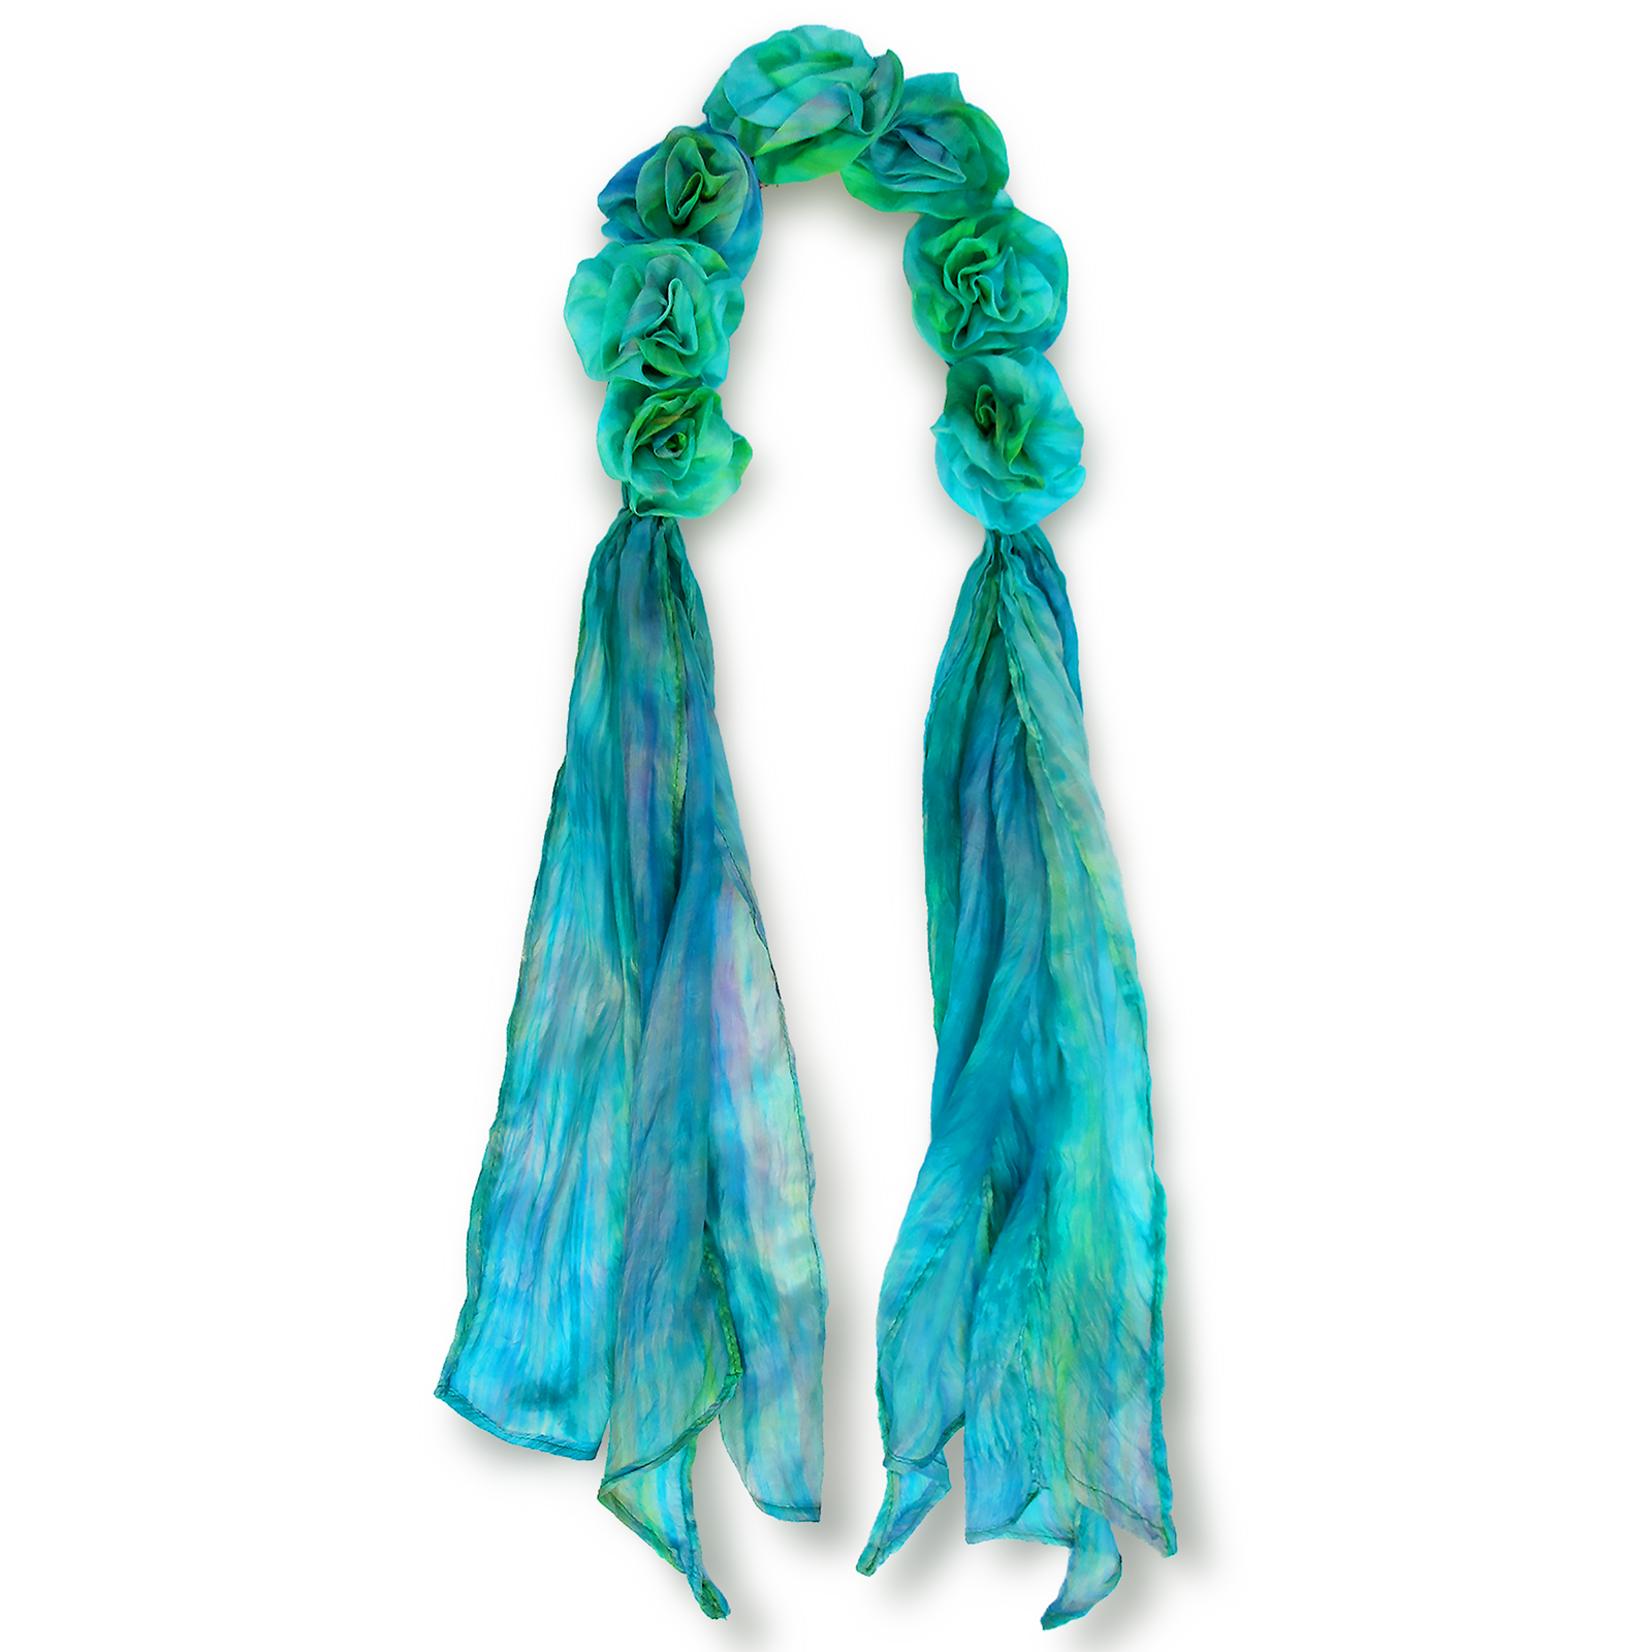 Lua 100% Silk Petals Scarf - Dew